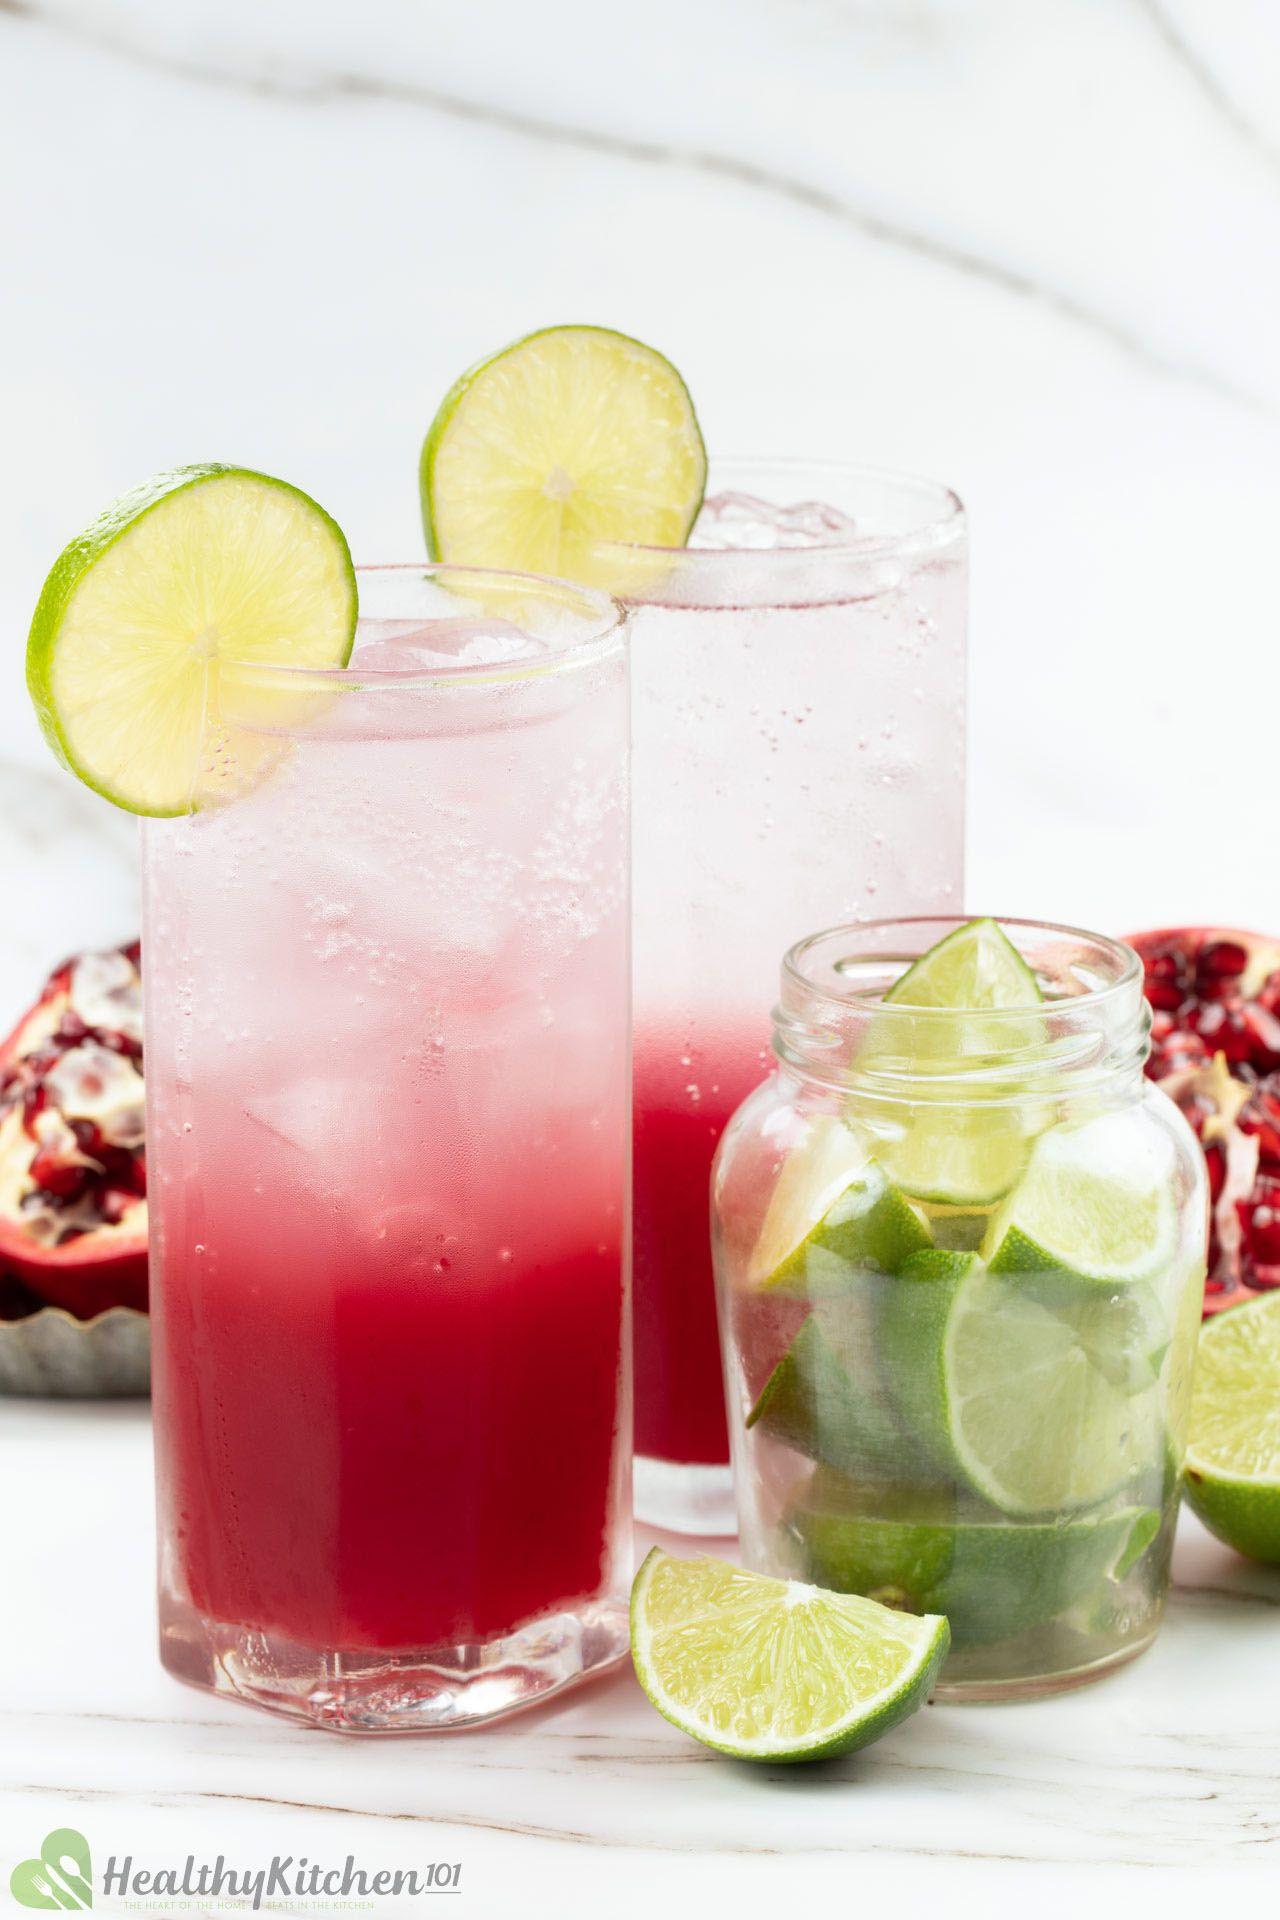 is pomegranate a citrus fruit